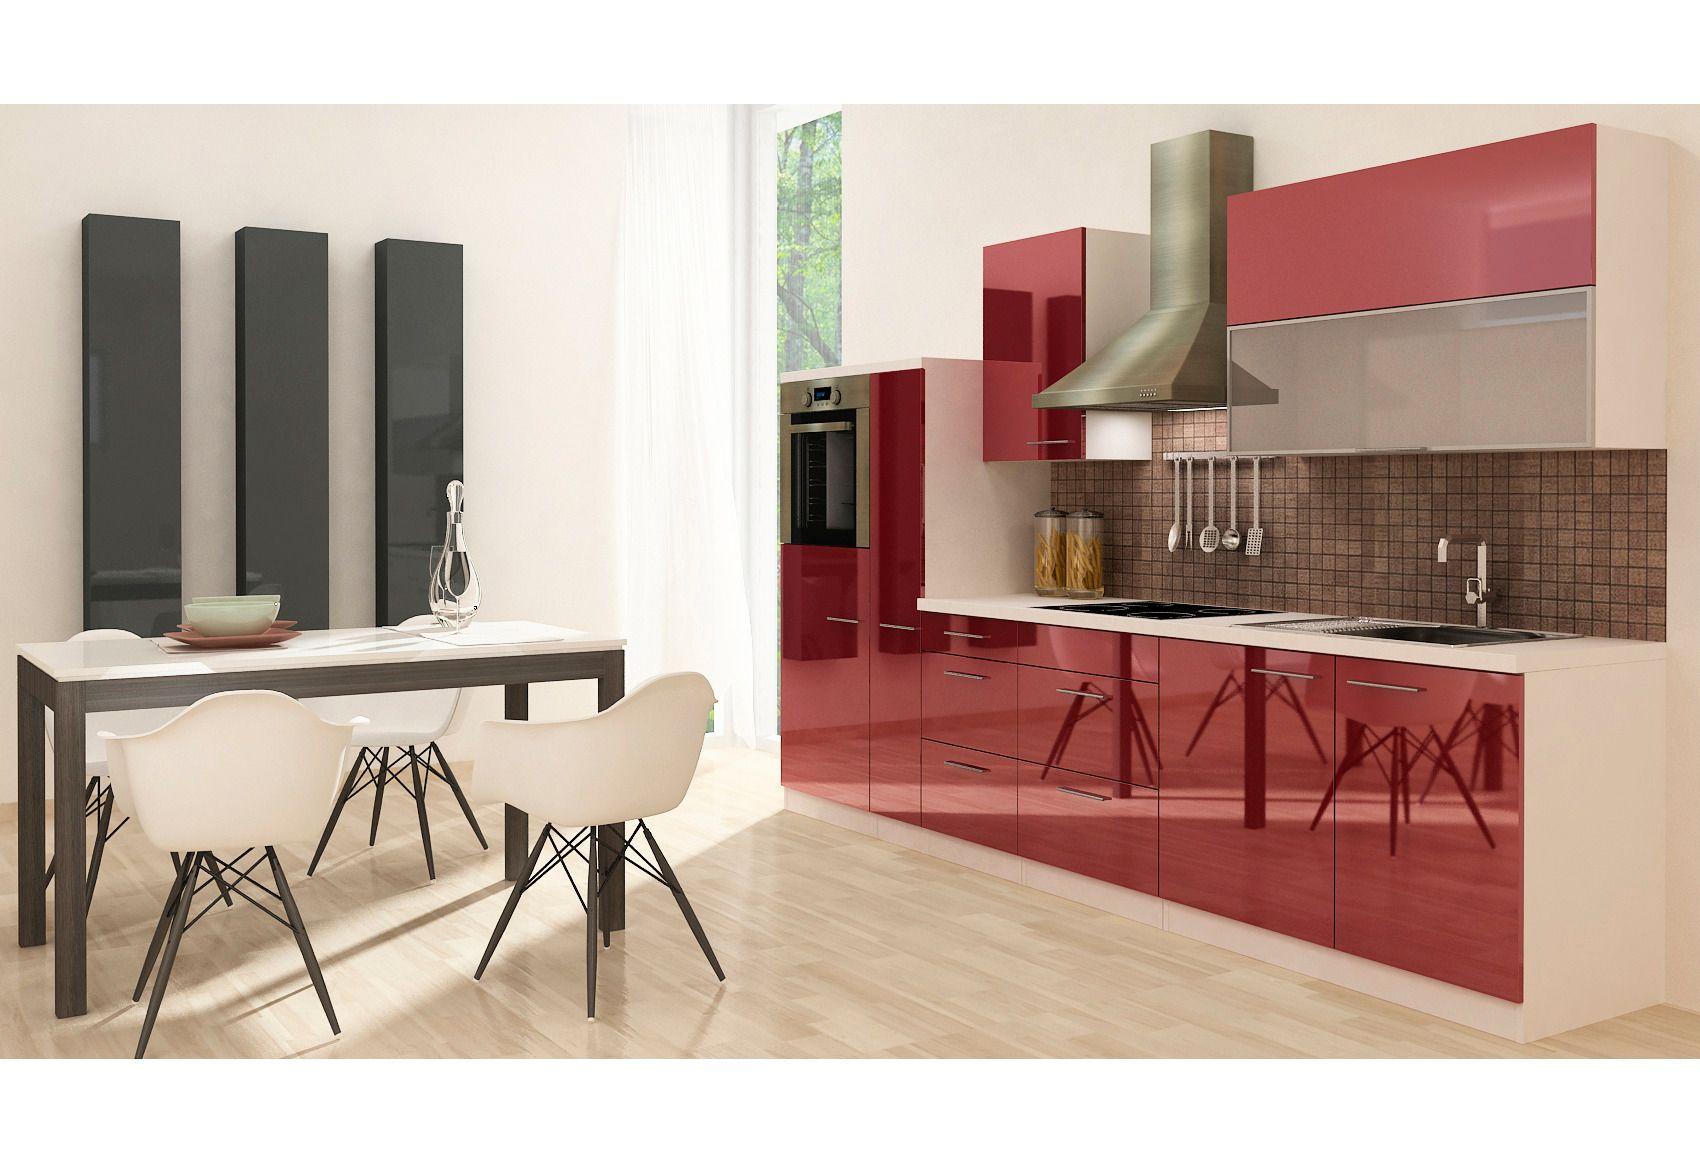 Billige Einbauküchen Mit E Geräten ~  mit Geräten Küchenzeile mit EGeräten »Premium«, Breite 310 cm